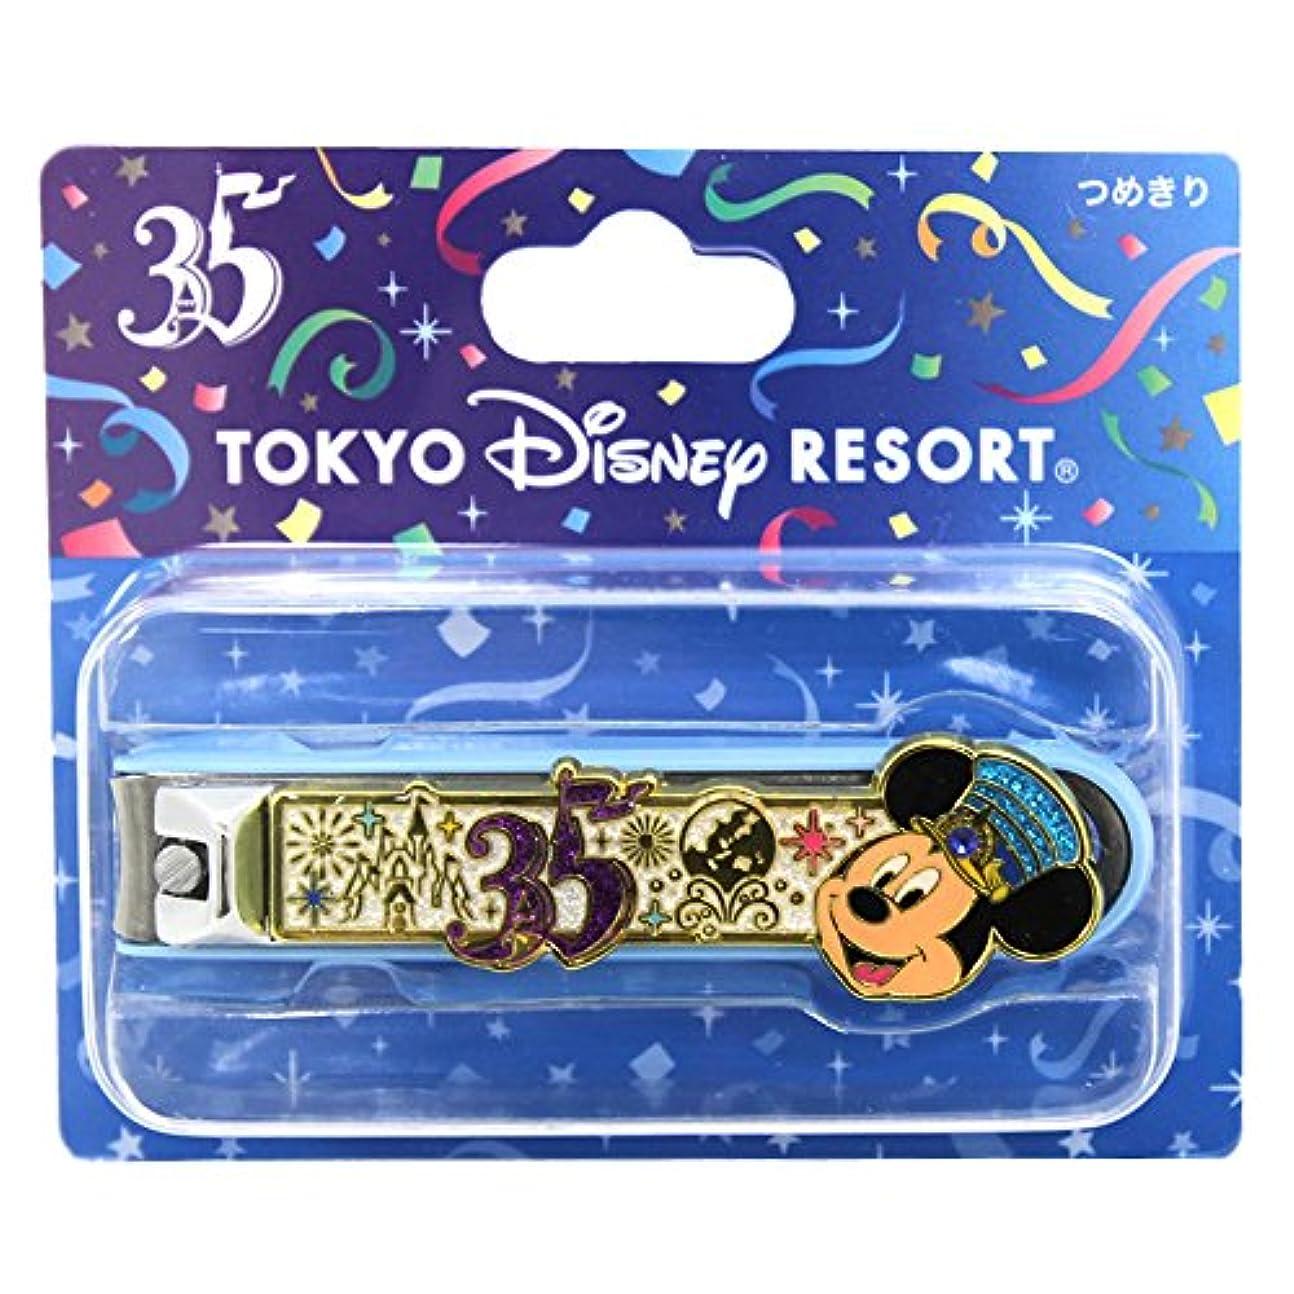 タンパク質出費香ばしい東京 ディズニー リゾート 35周年 Happiest Celebration ! 爪切り ミッキー マウス つめ切り 爪きり つめきり キャラクター 生活用品 ( リゾート限定 )